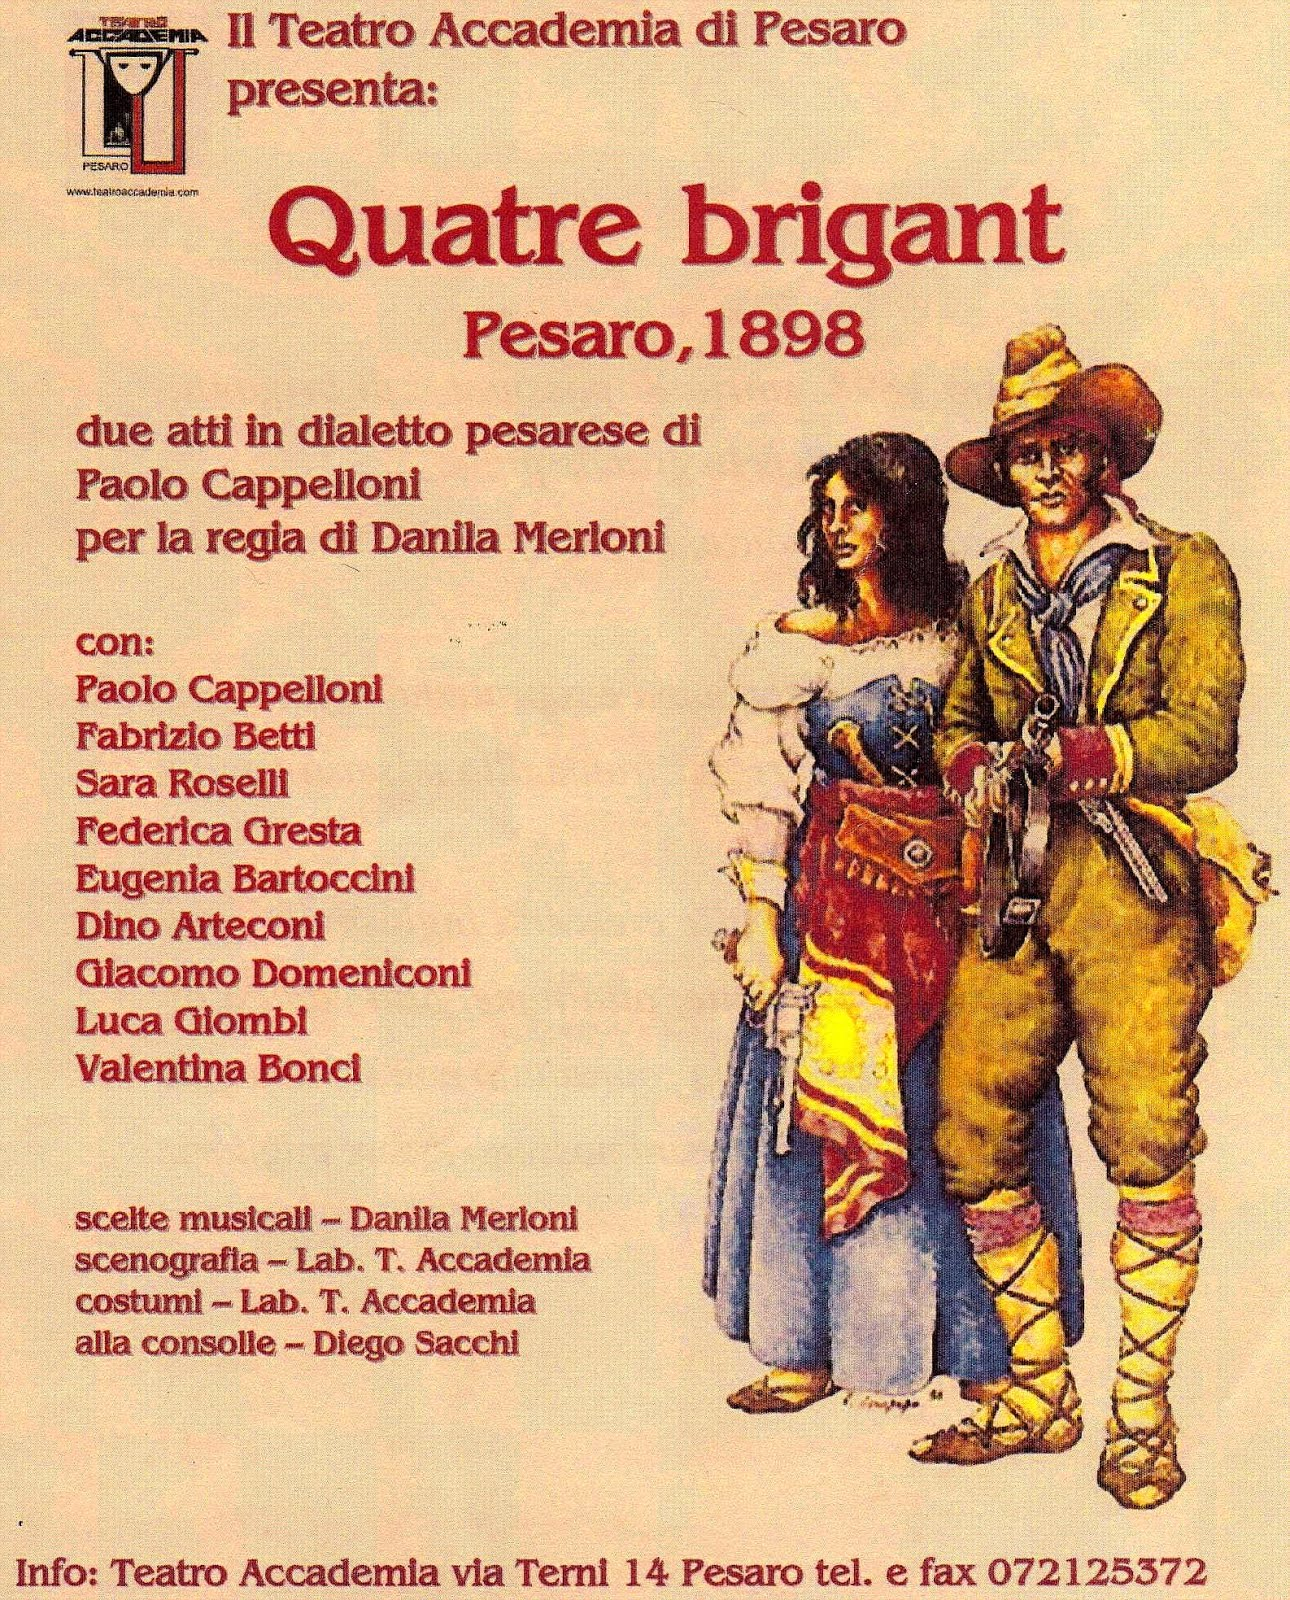 Quatre brigant, Pesaro 1898